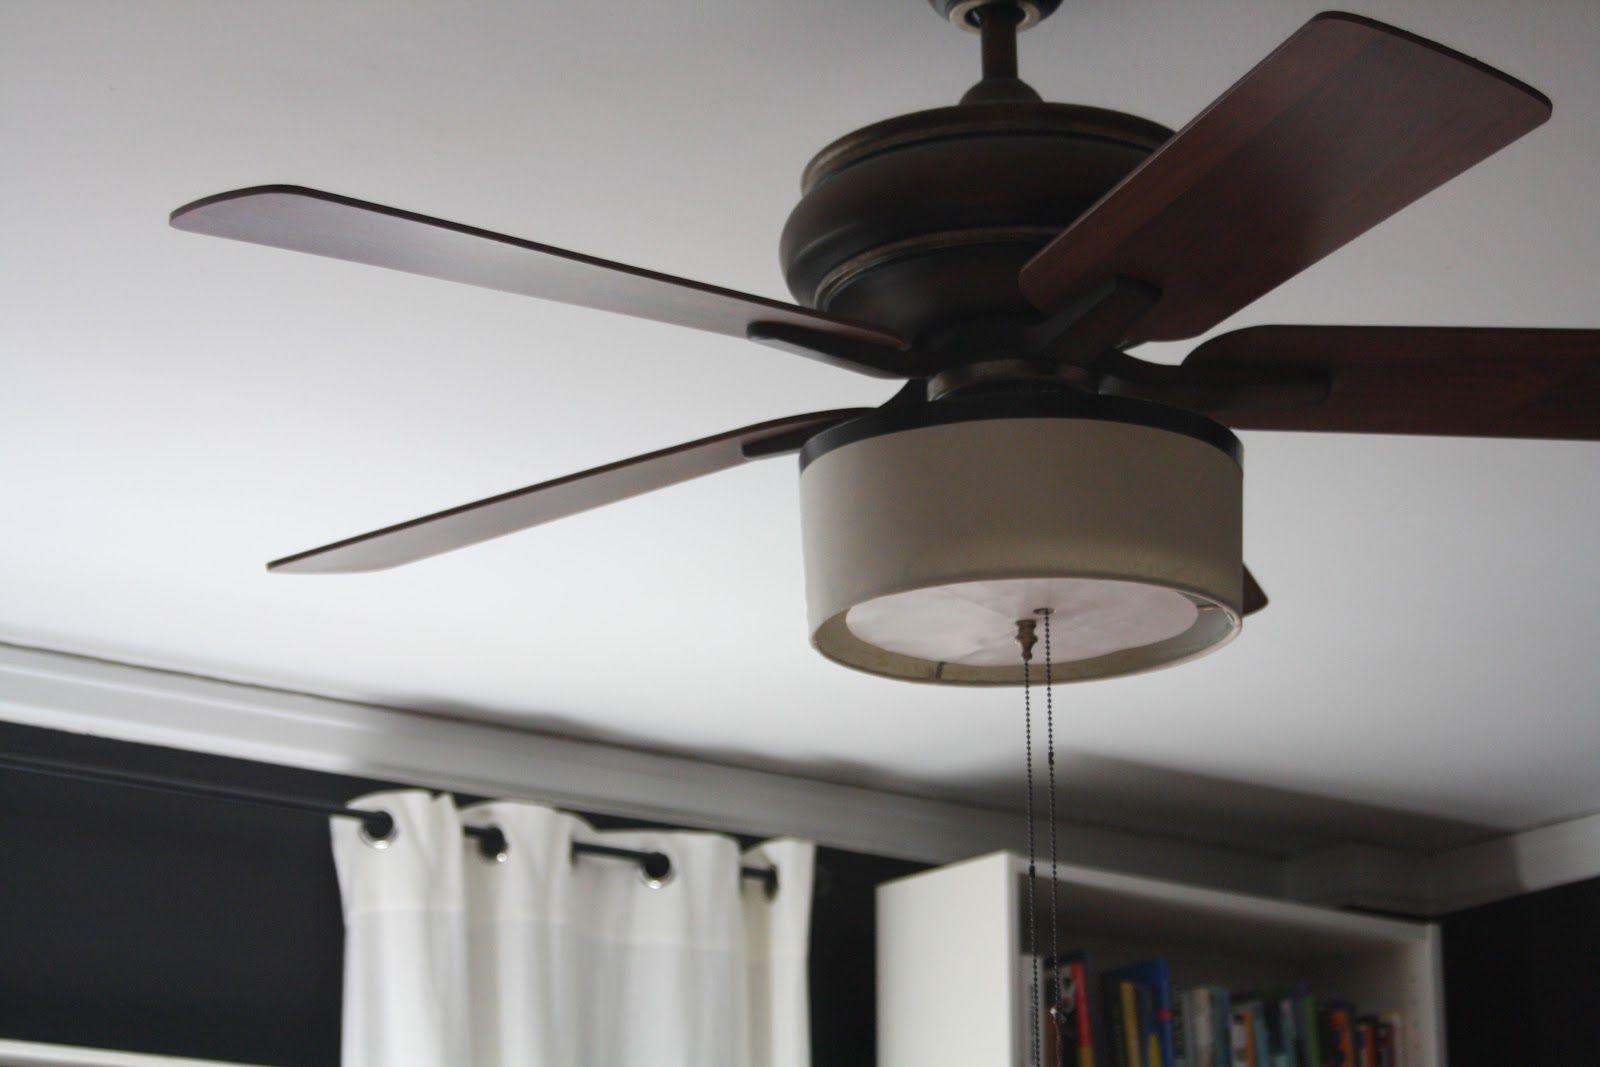 1 Fan Health Diy Drum Shade Ceiling Fan Diy Ceiling Fan